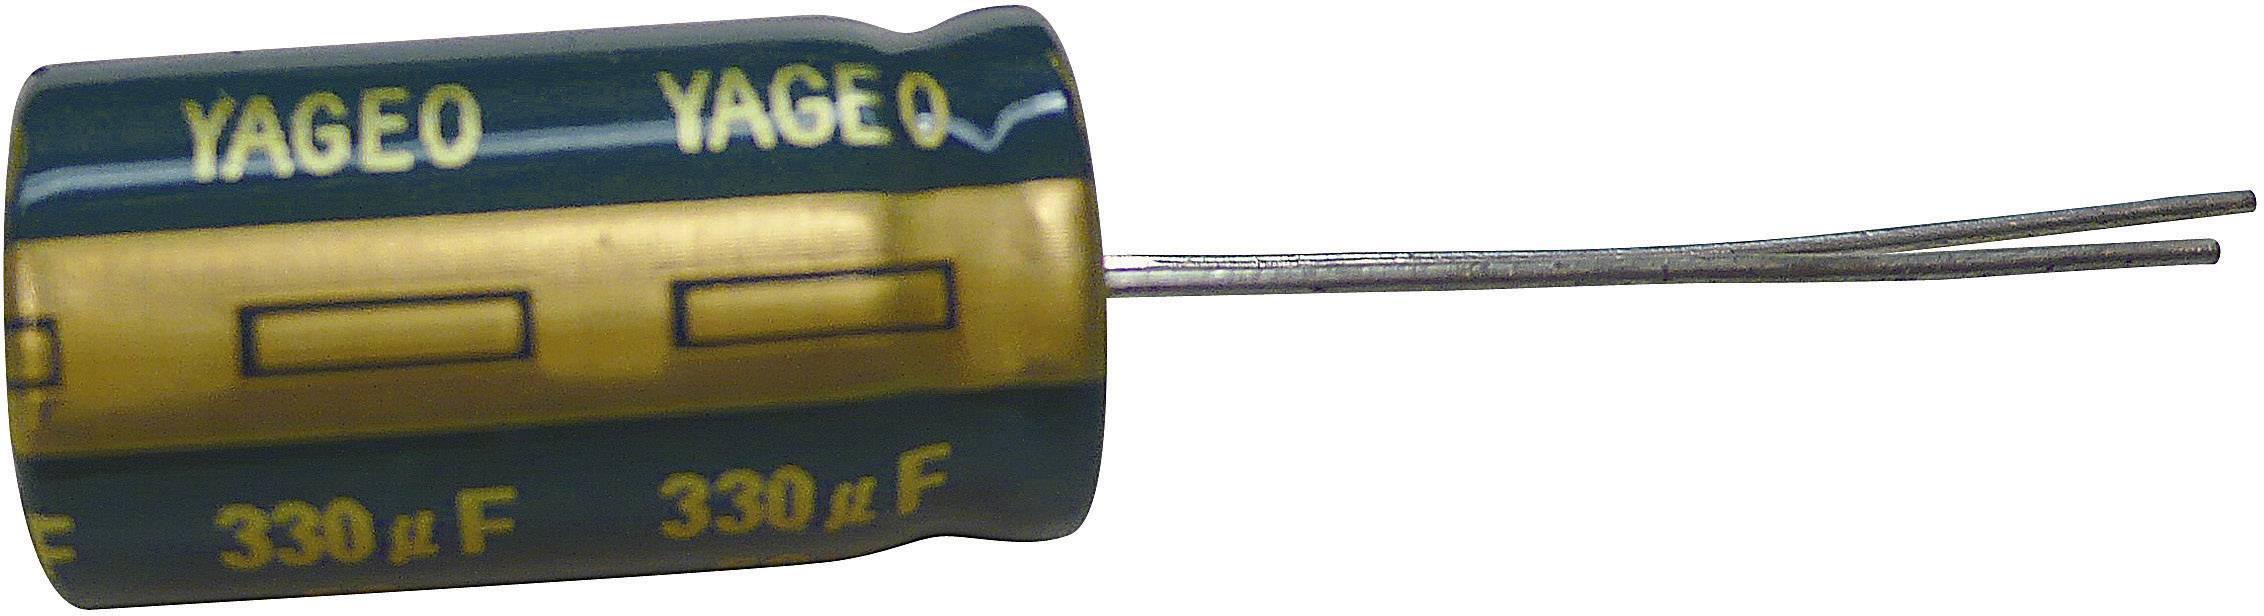 Kondenzátor elektrolytický Yageo SC035M0033B2F-0511, 33 mF, 35 V, 20 %, 11 x 5 mm